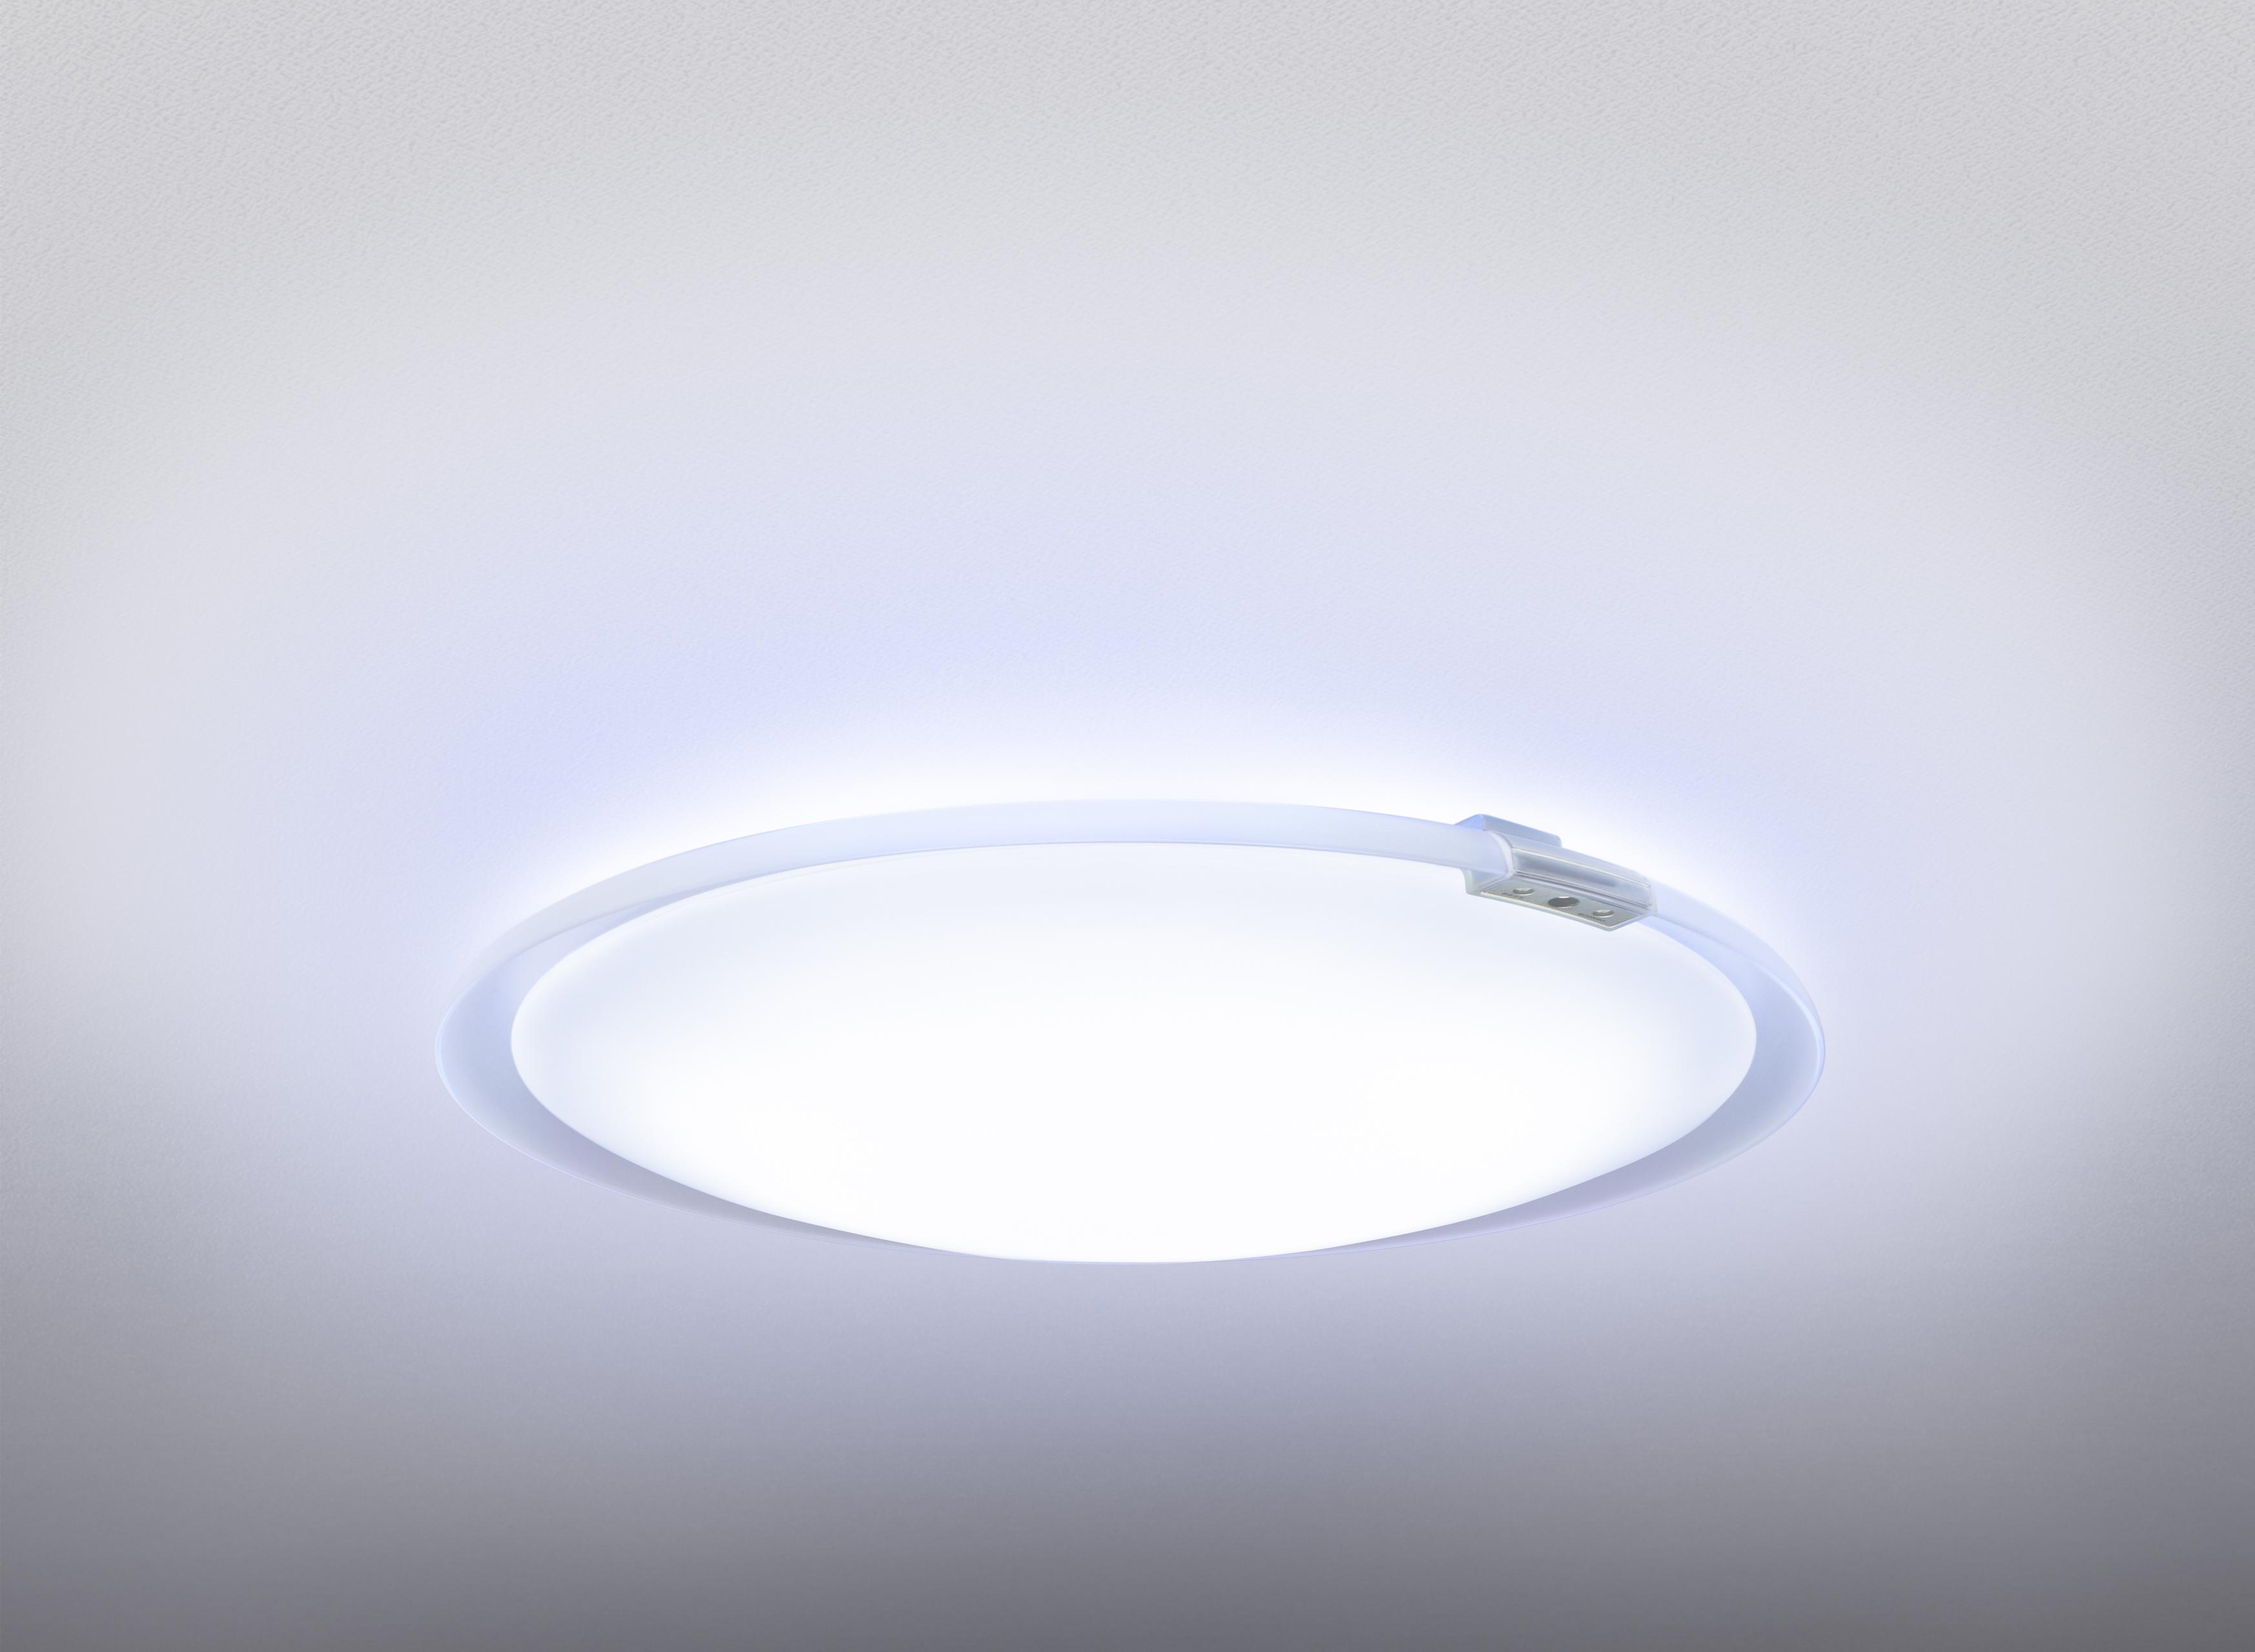 パナソニック「LEDシーリングライト」